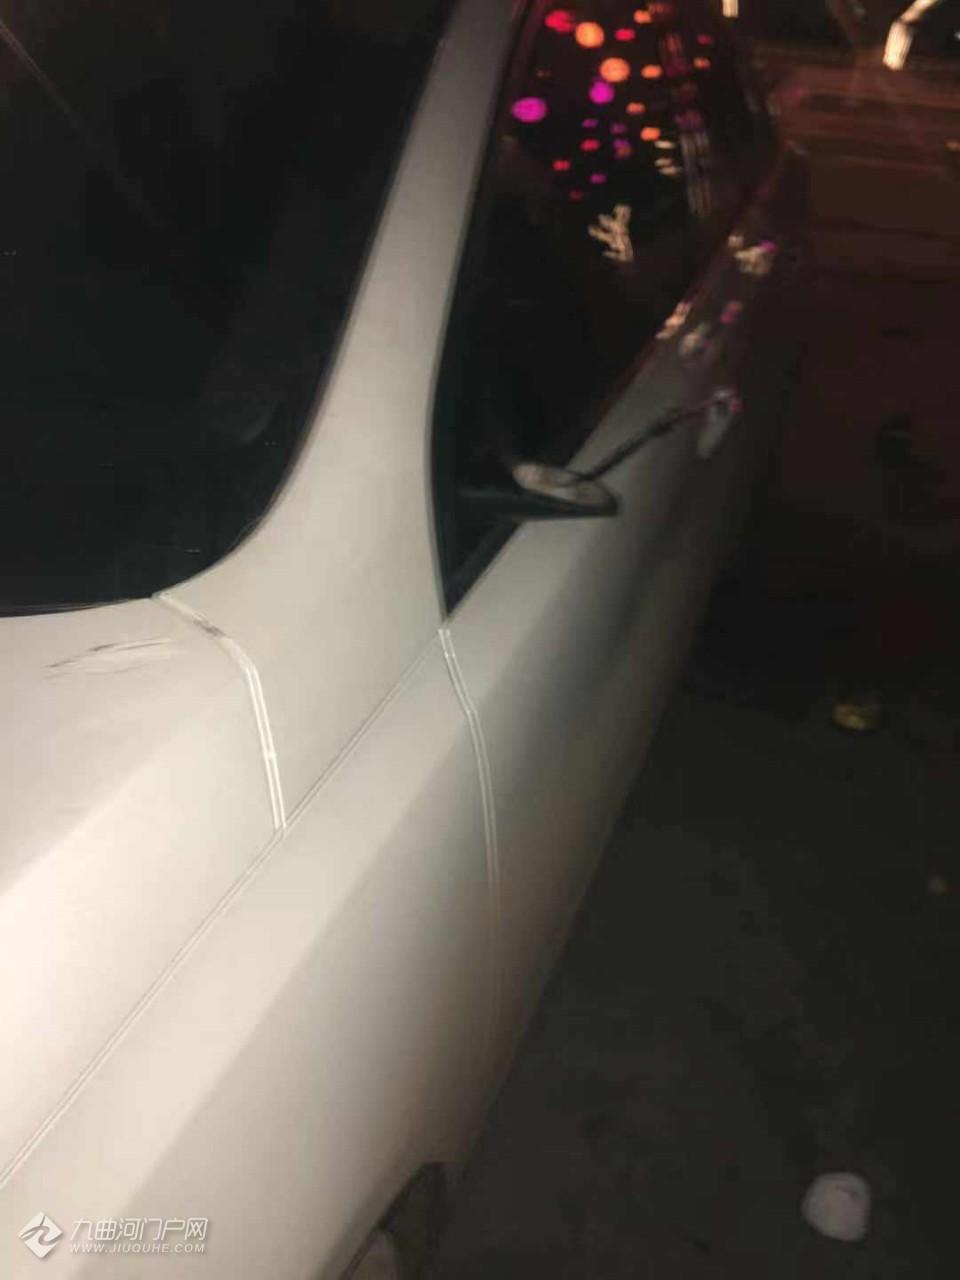 昨晚资阳合行大厦路边停的车被砸,后视镜都成这个样子了!